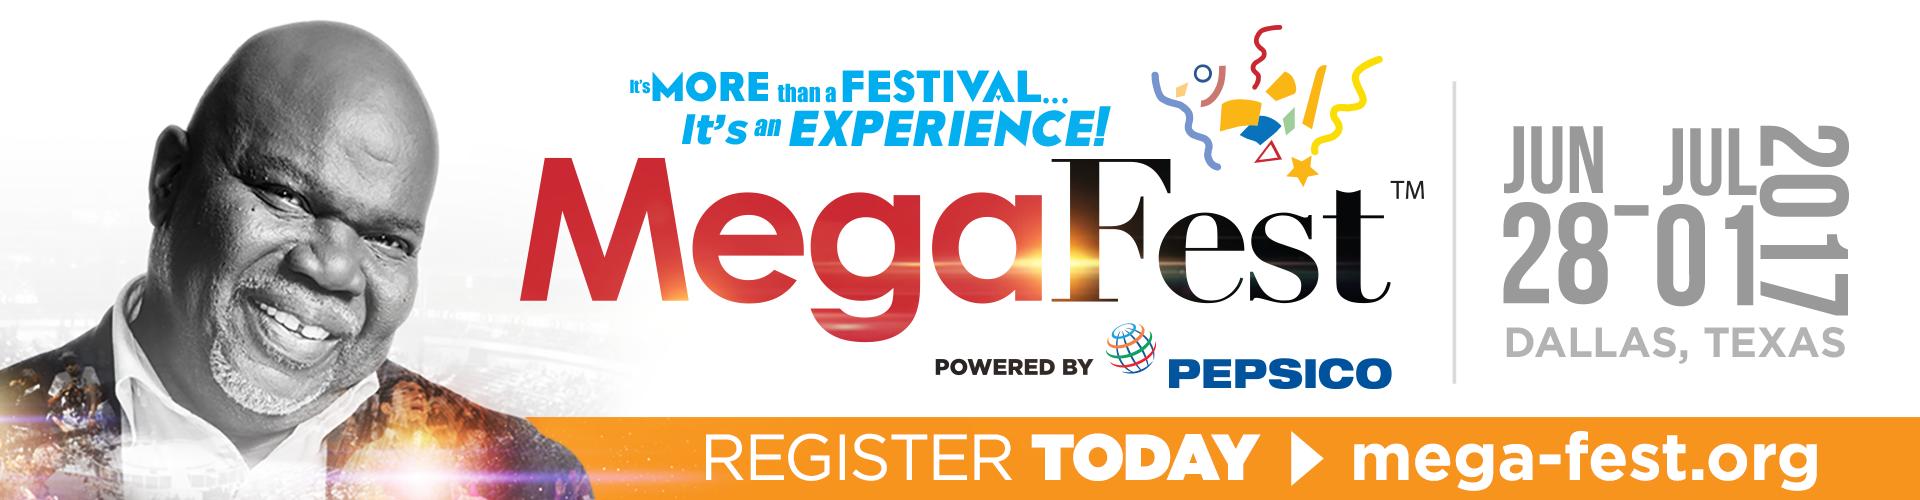 Megafest Image